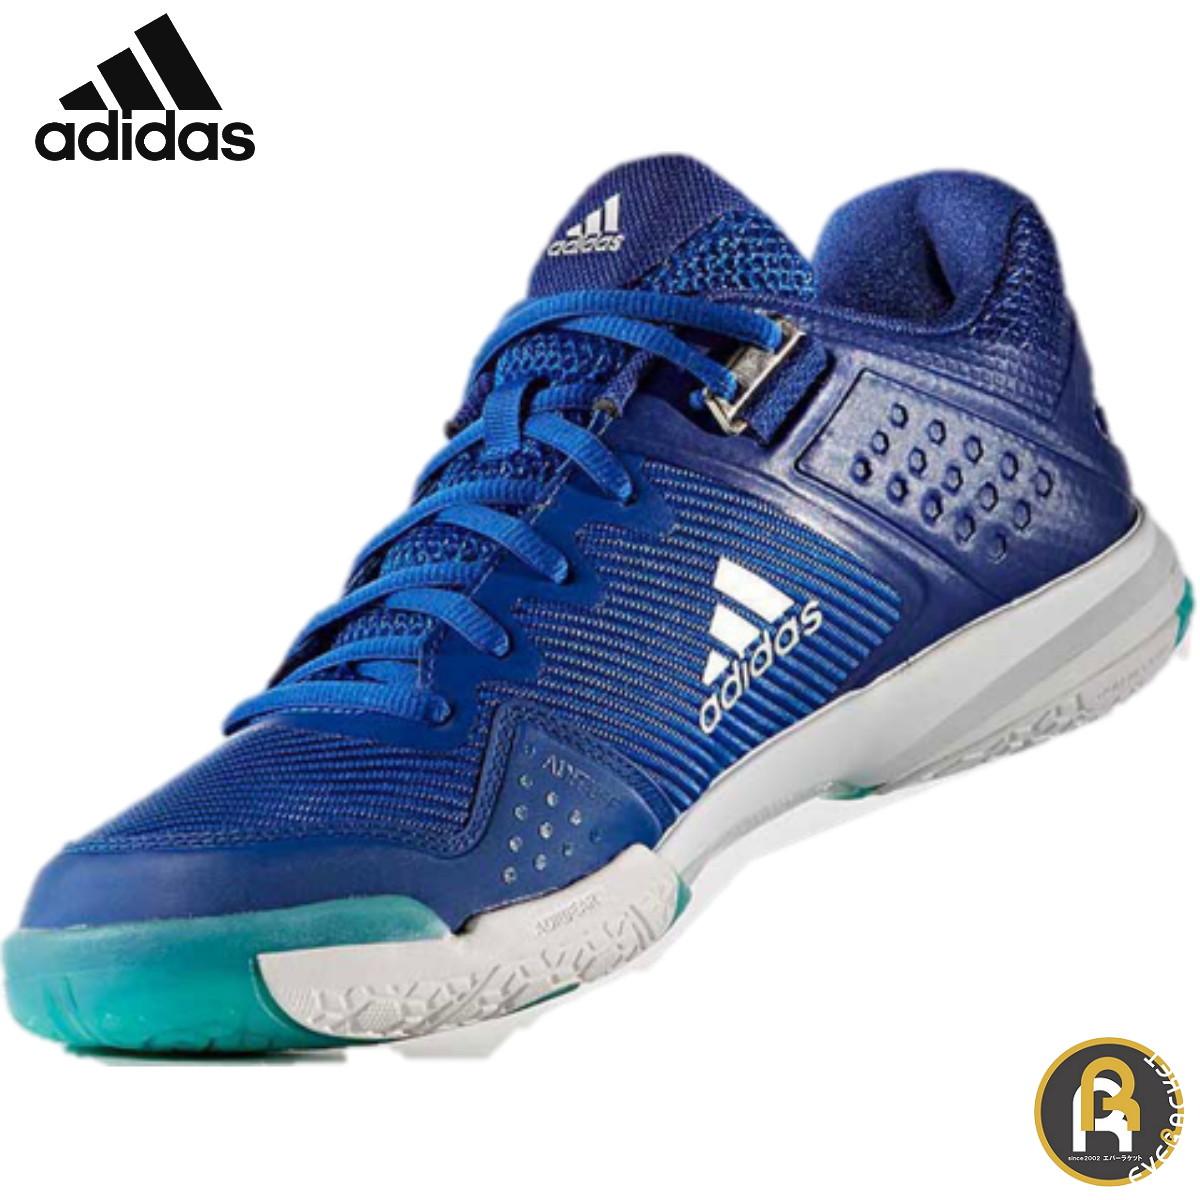 【スーパーセールポイント5倍】adidas アディダススリービー ラケットスポーツジャパン バドミントン バドミントンシューズ クイックフォース7.1 BY1819